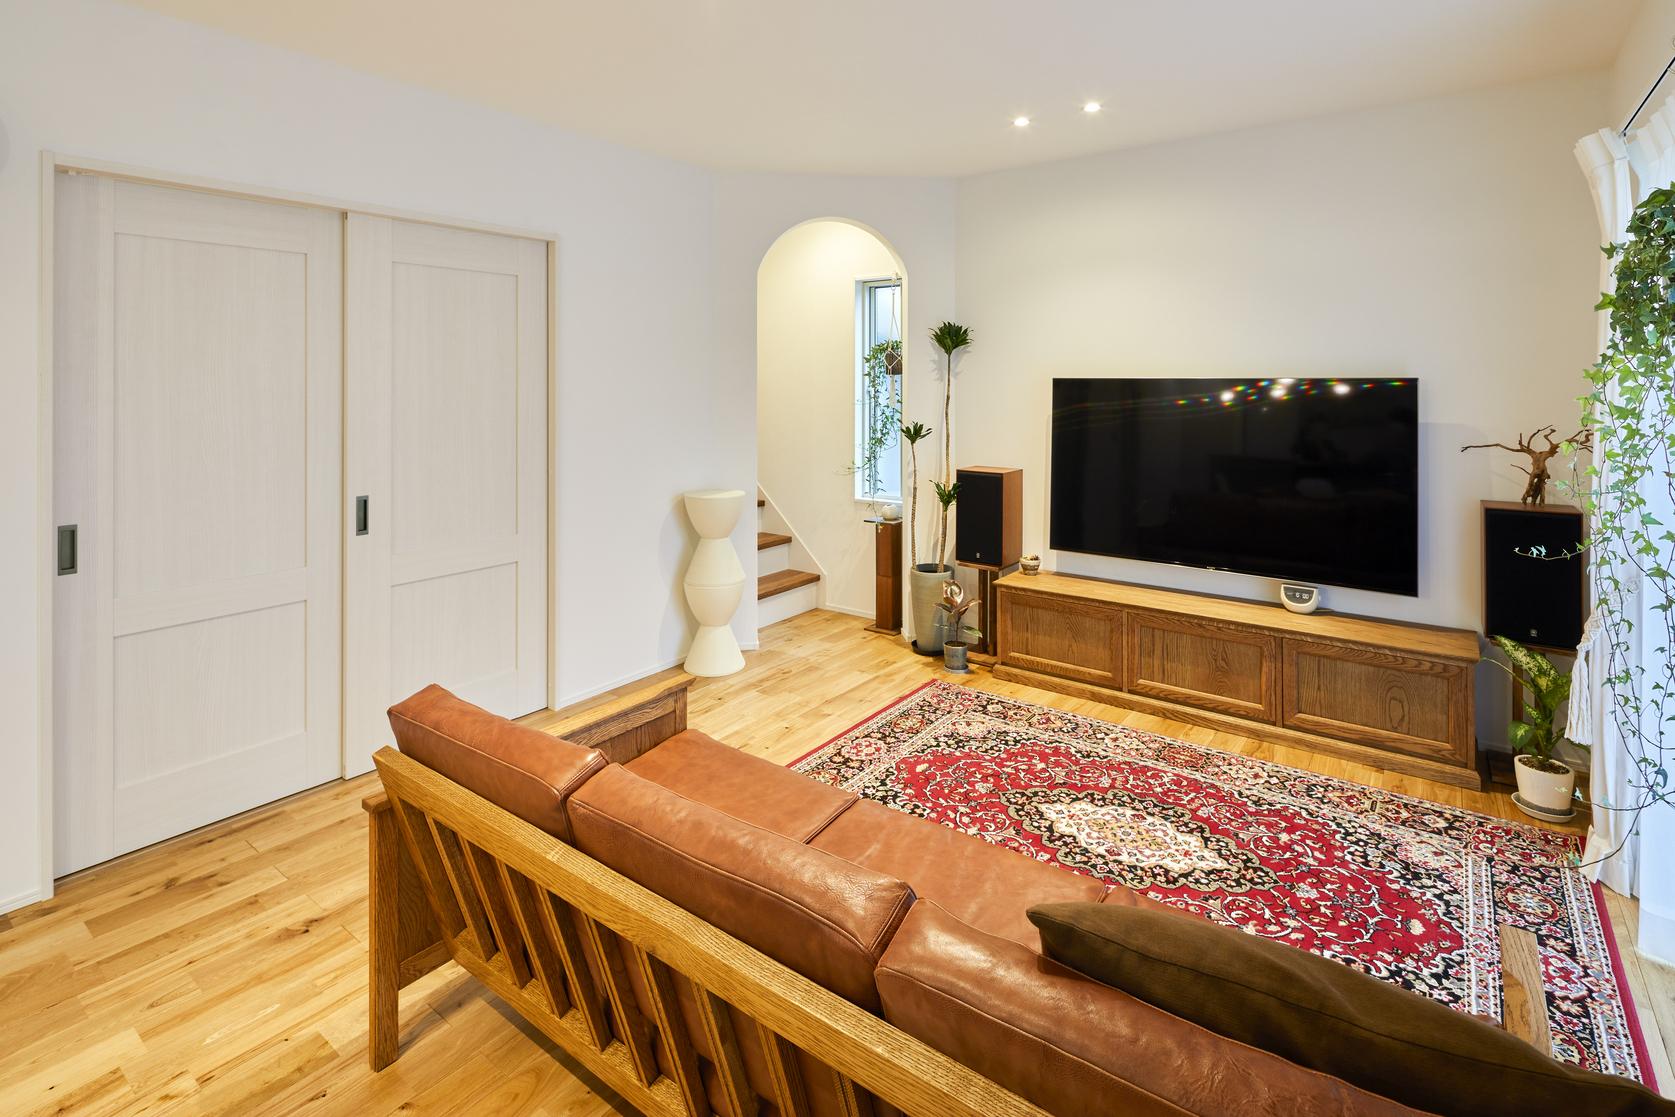 リビングは白を基調とした色合いにオーク材の無垢床が映える落ち着いた空間